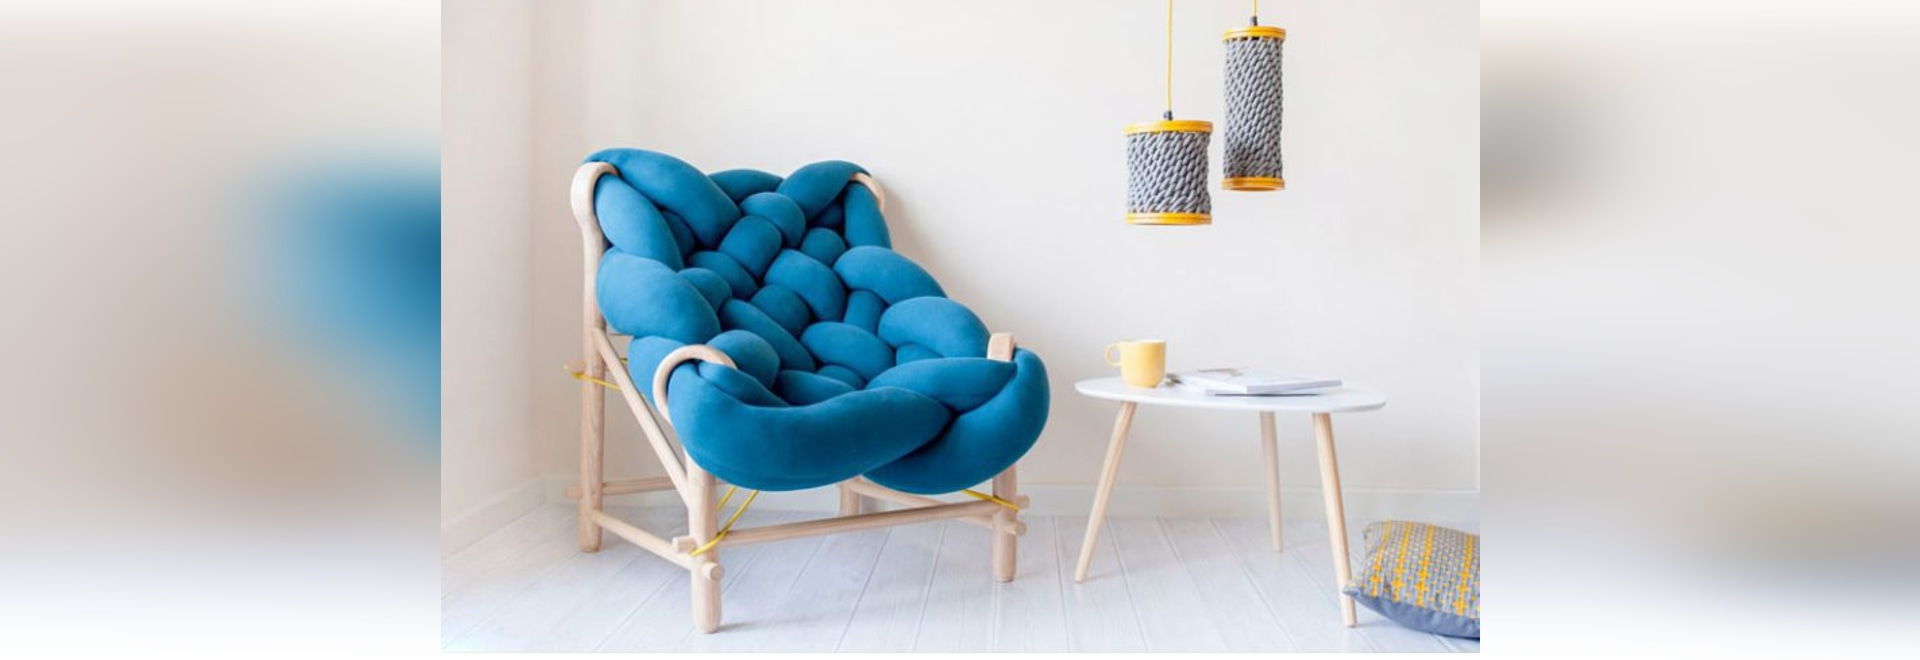 Cette collection de meubles se sert de diverses techniques de tricotage et de tissage